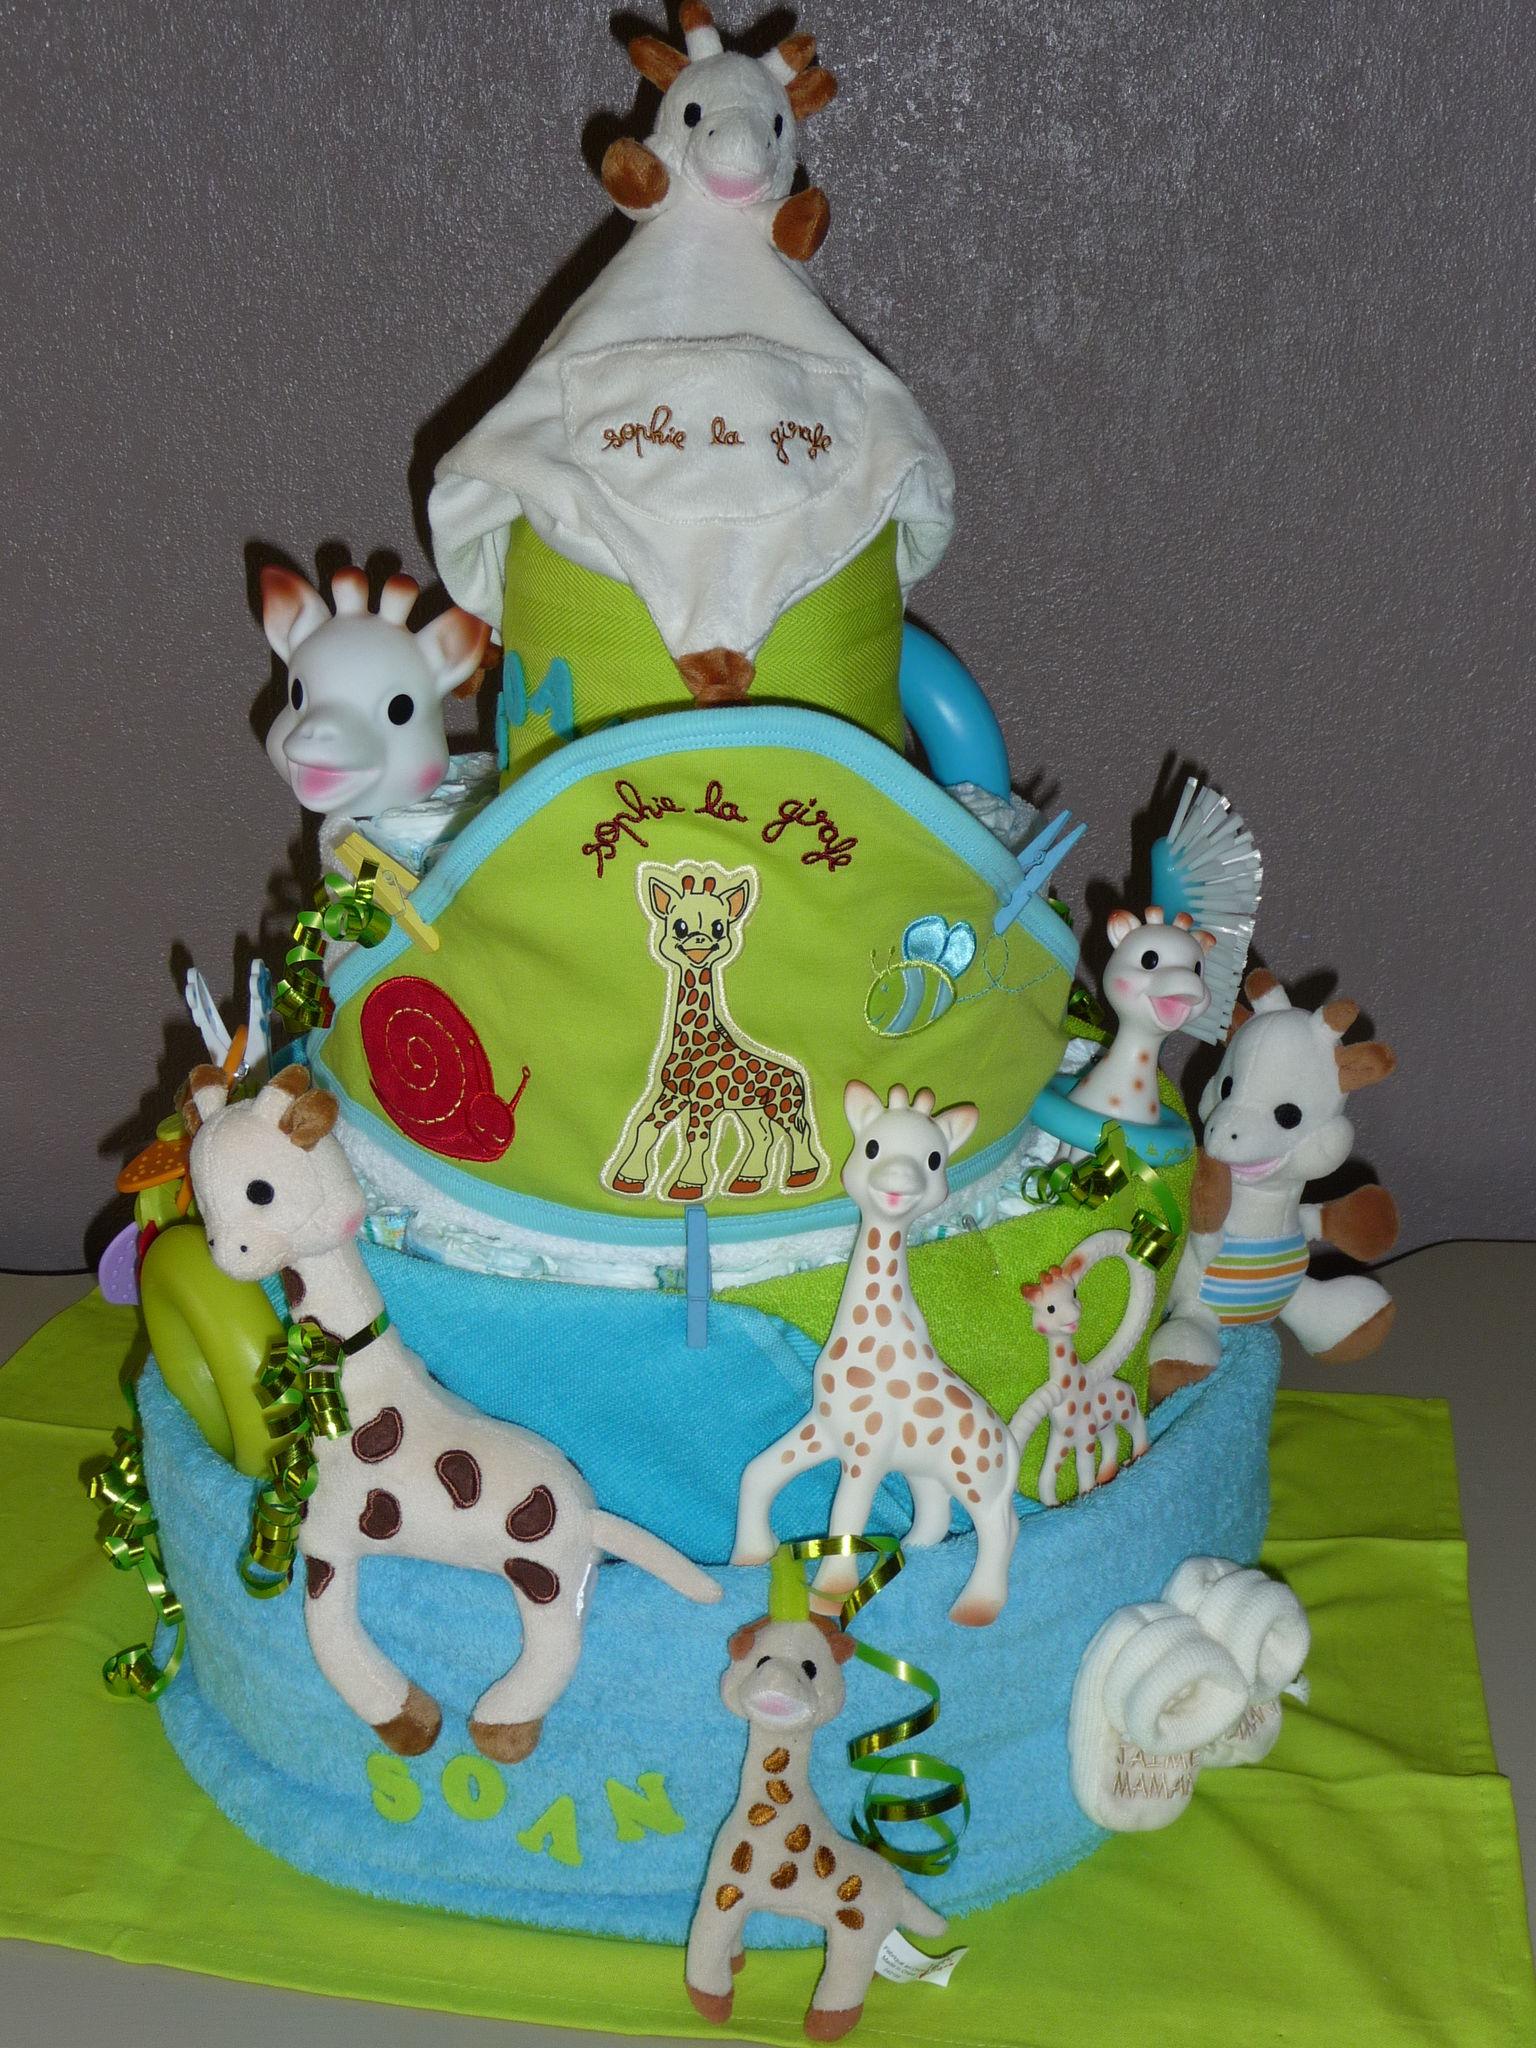 Voilà le gâteau bien décoré